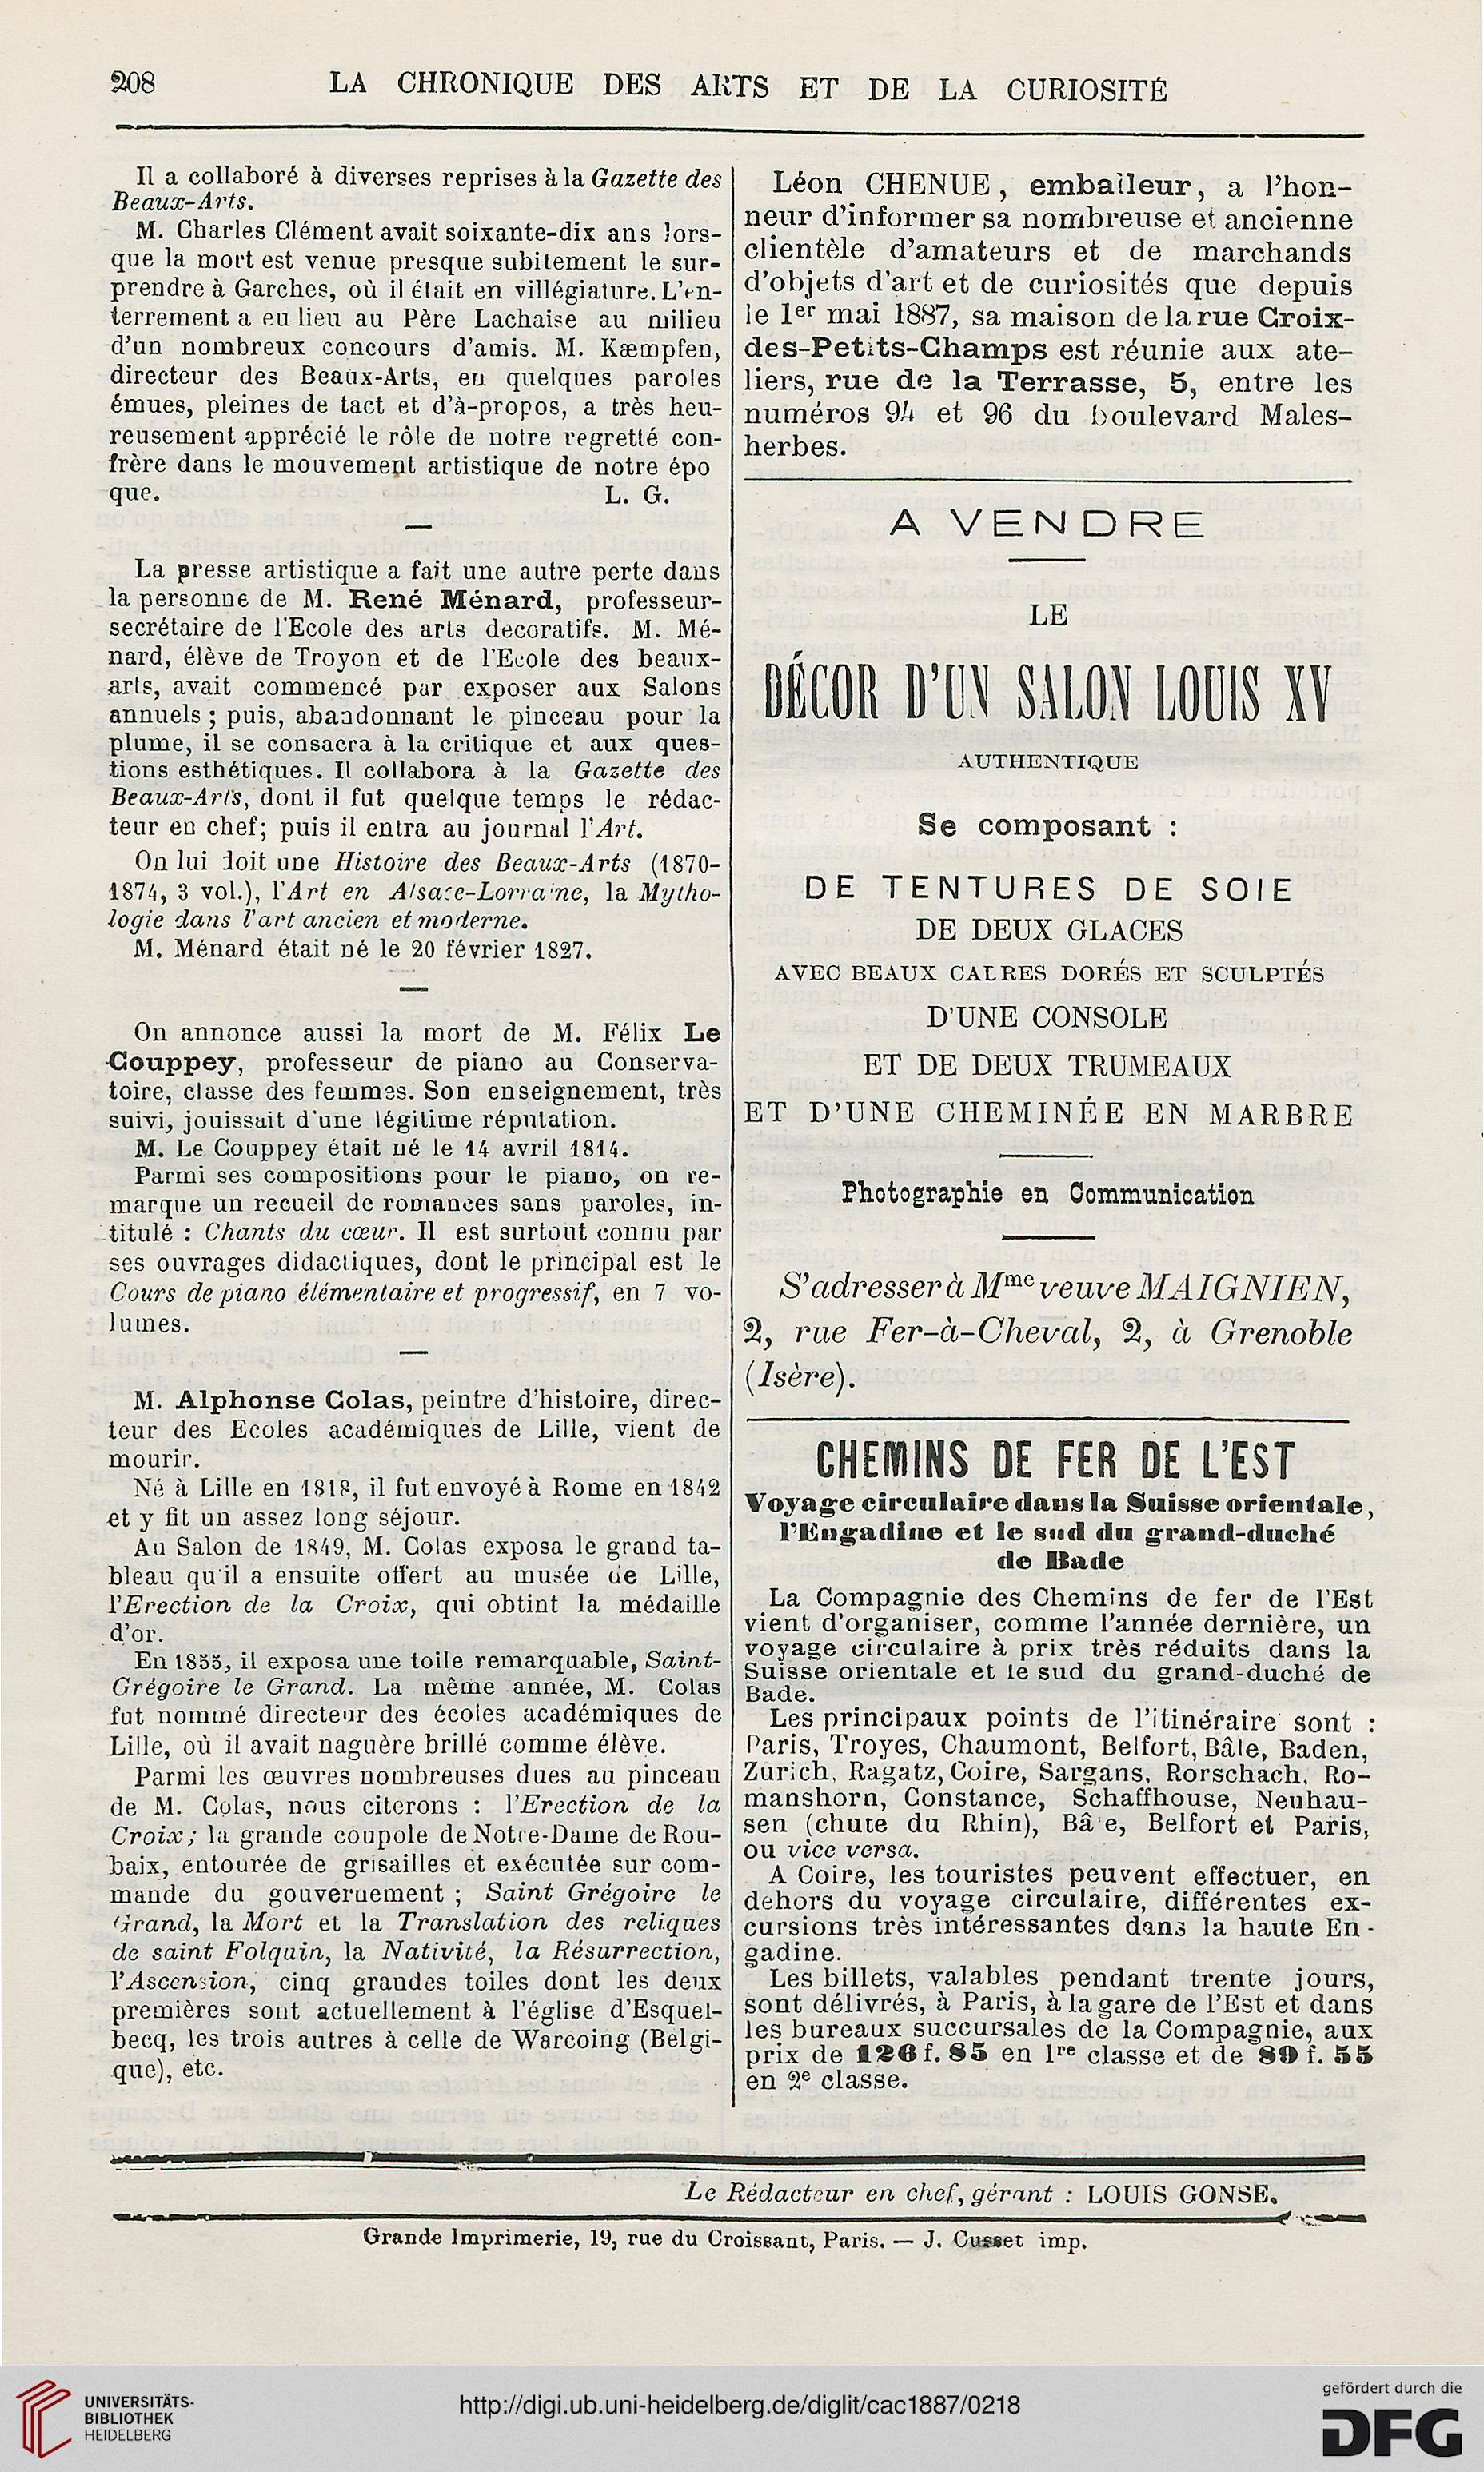 La chronique des arts et de la curiosité (1887)